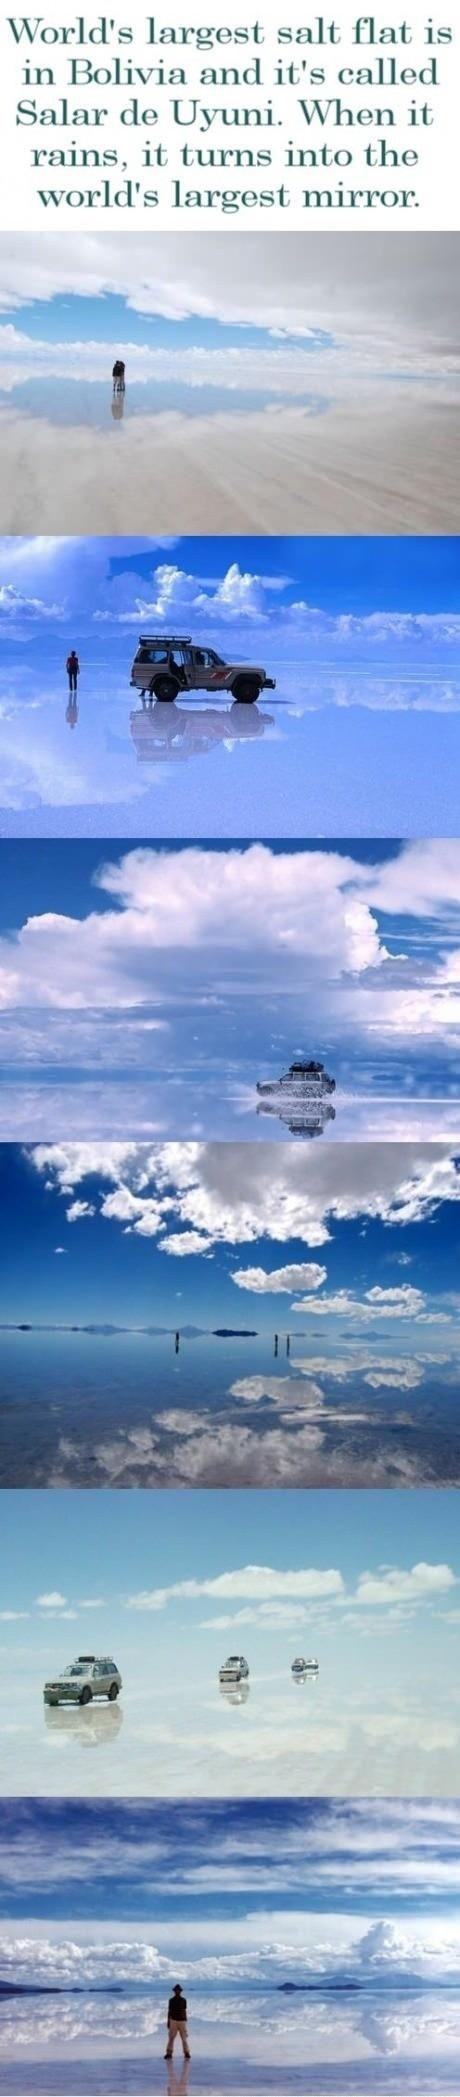 Salar de Uyuni. Quando chove,  converte-se no maior espelho do mundo by Franco Terranova